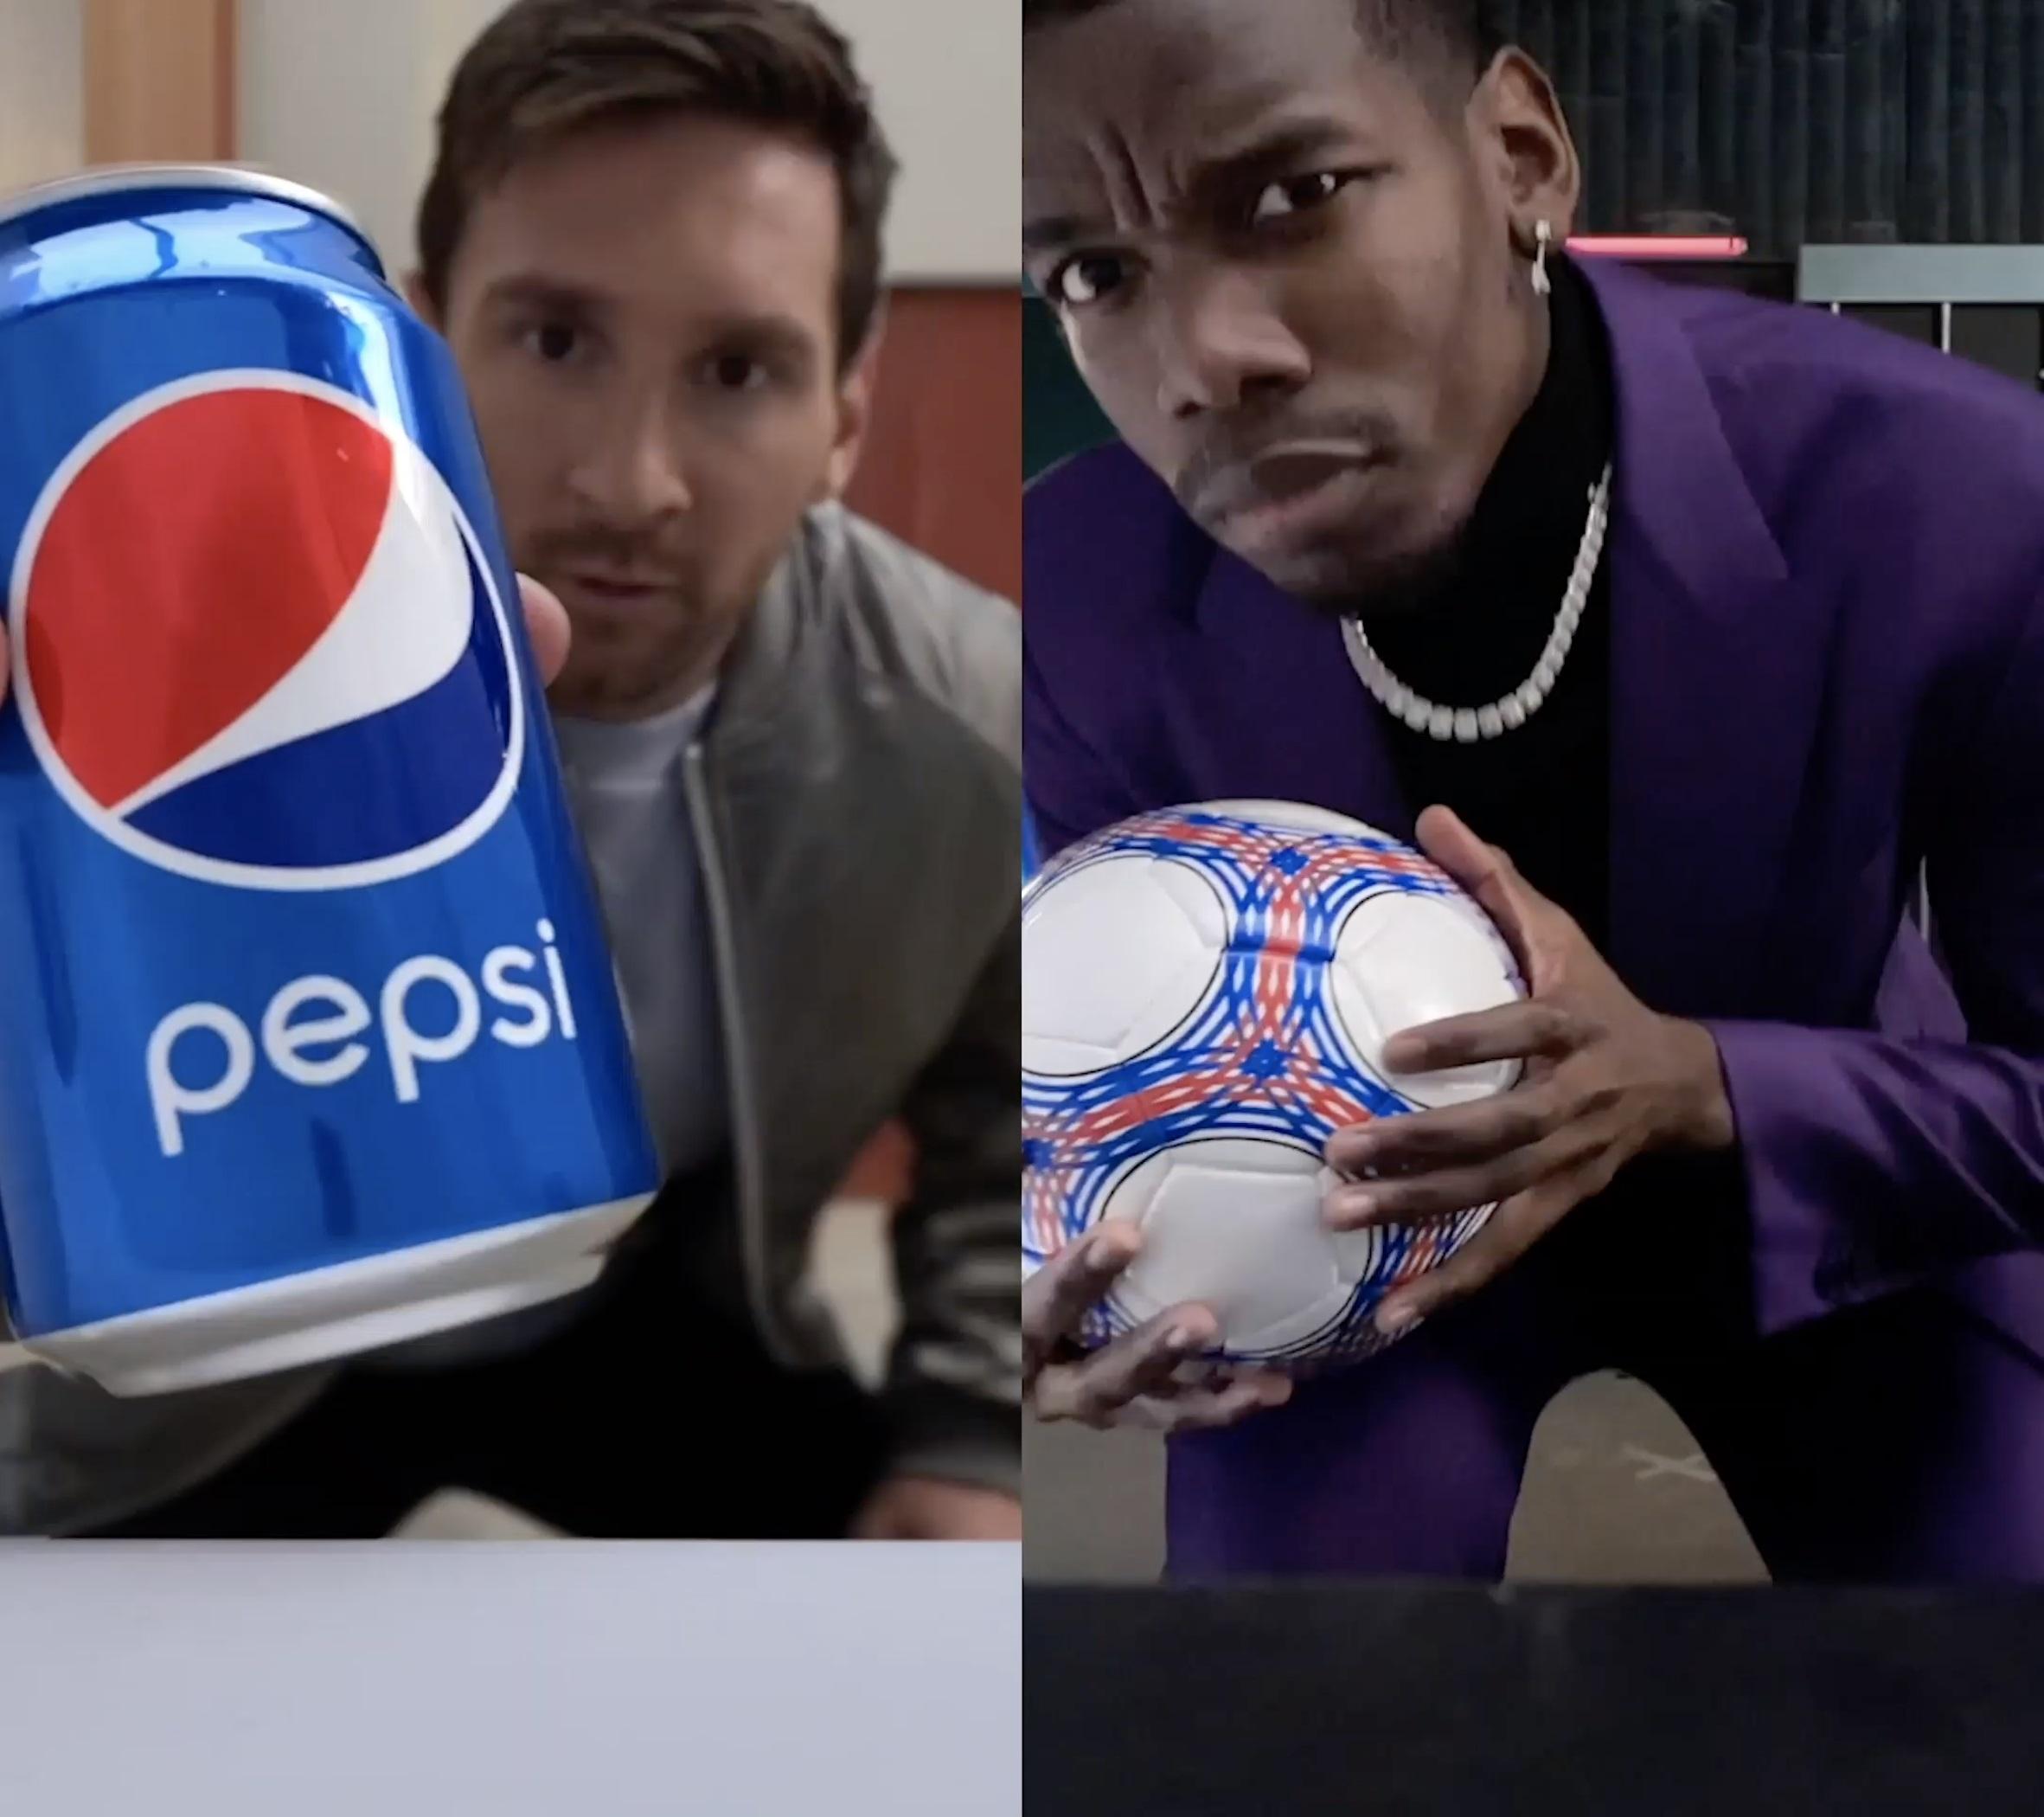 Pepsi, Futbol Severlere Favori Yıldızlarıyla TikTok'ta Düet Yapma Fırsatı Sunuyor